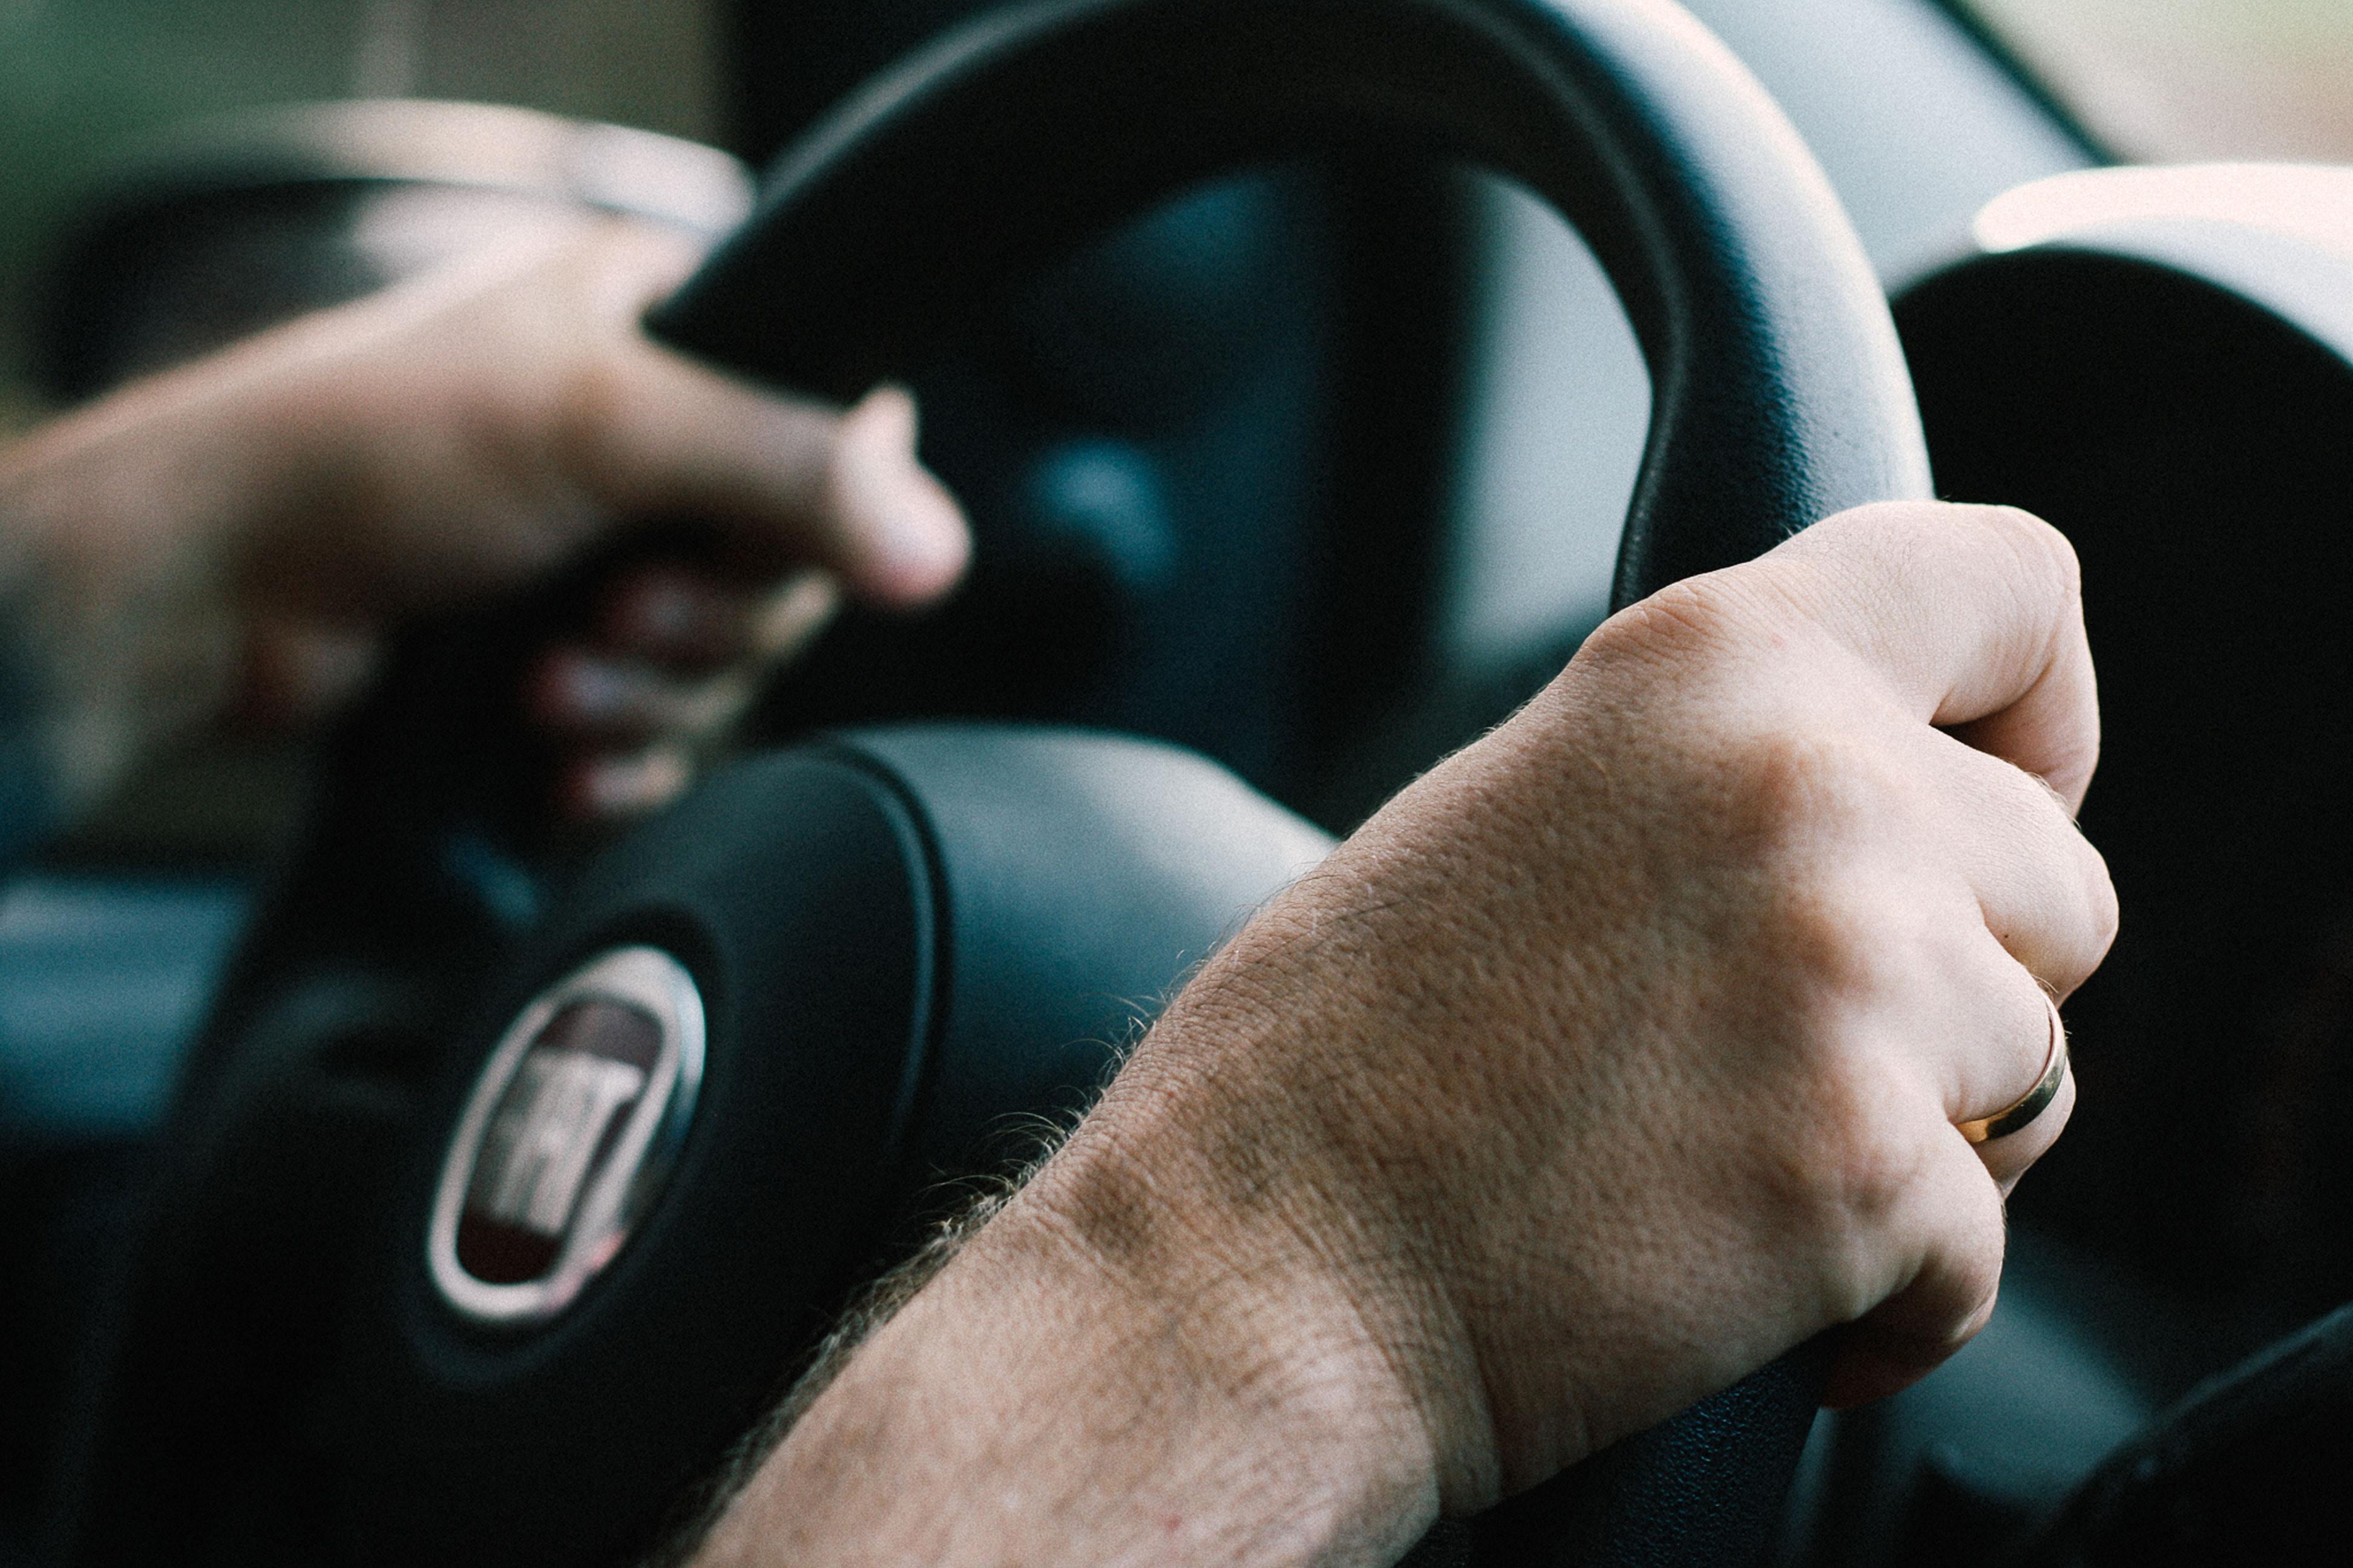 Gros plan sur les mains d'un homme au volant